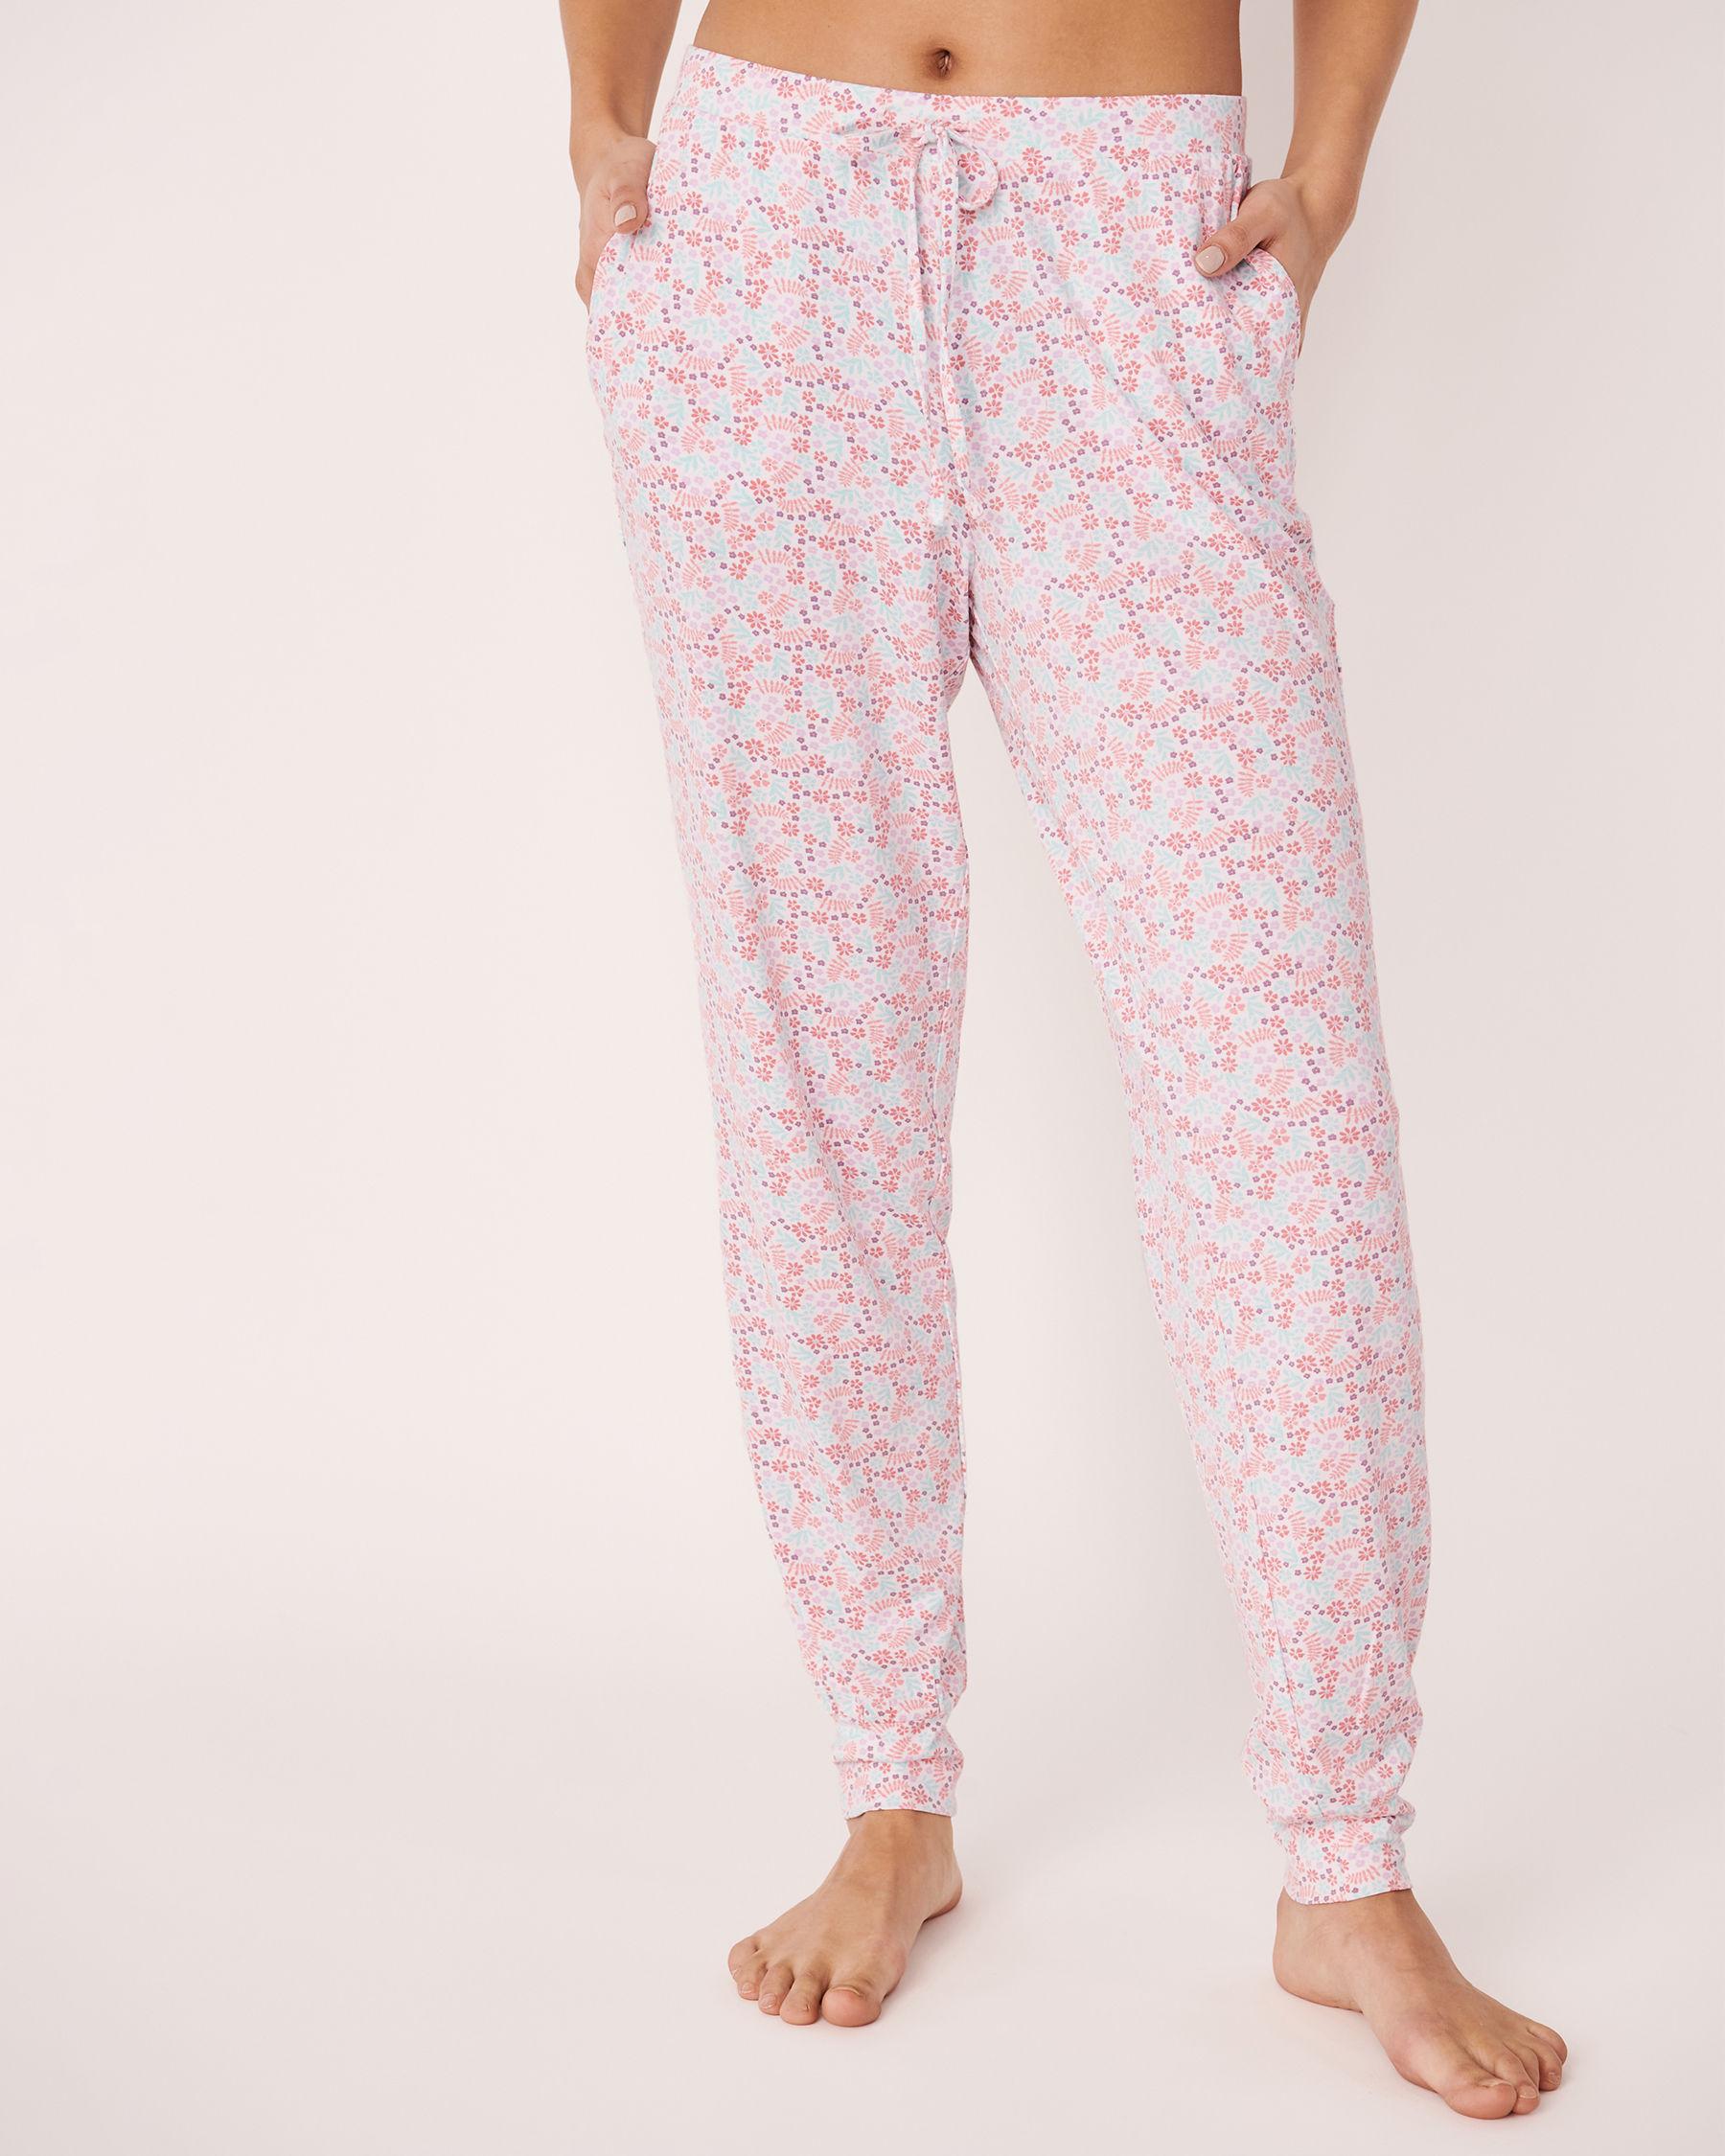 LA VIE EN ROSE Fitted Pyjama Pant Ditsy floral 40200056 - View1